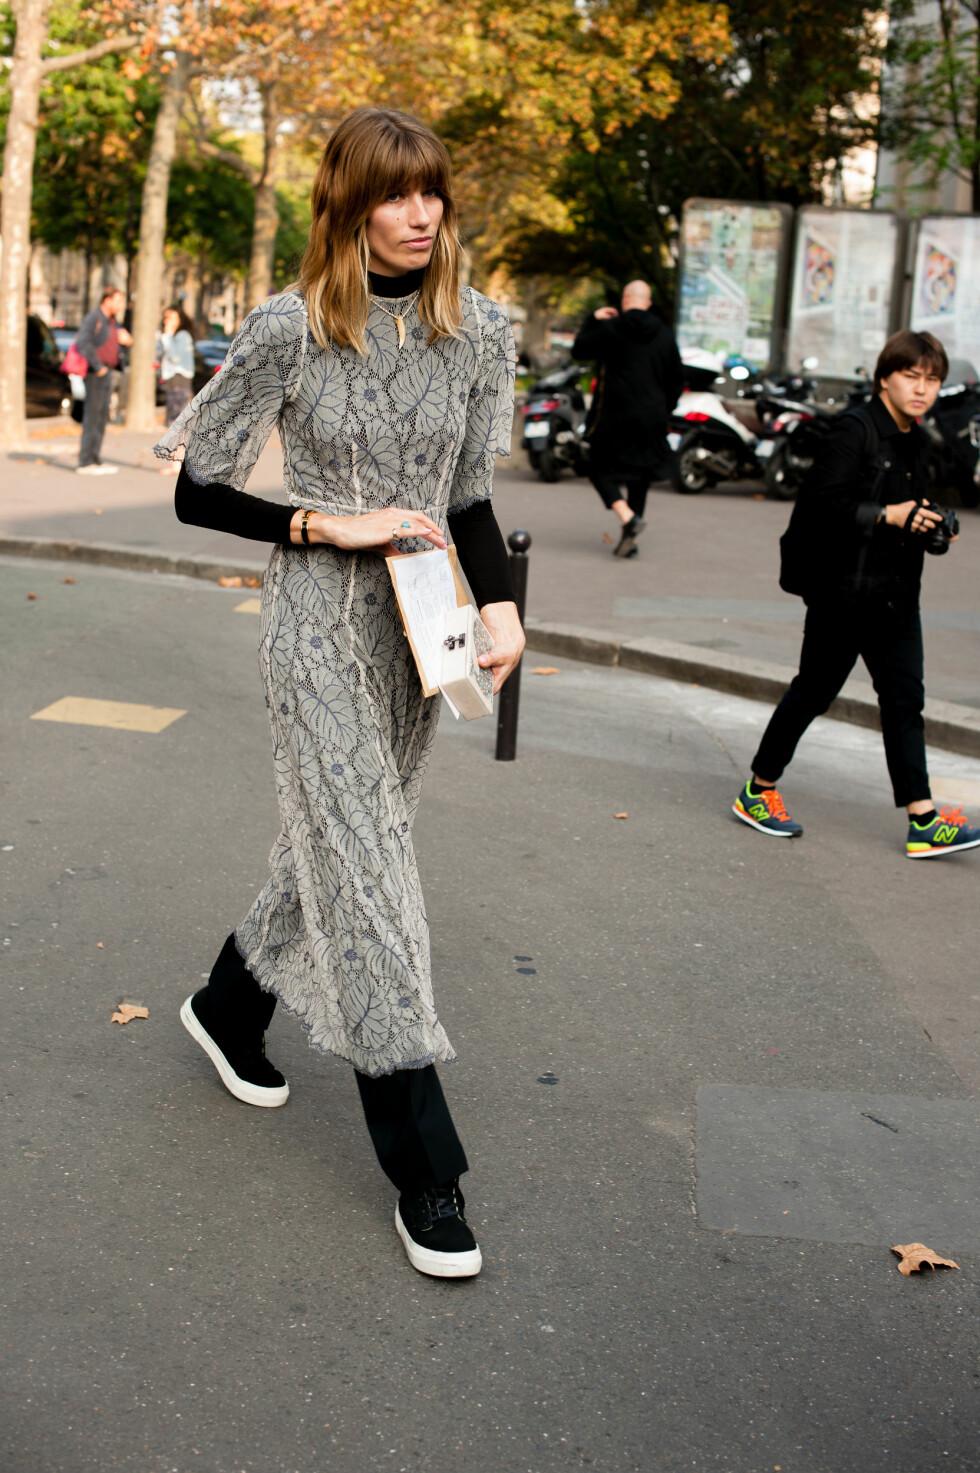 Moteikonet Veronika Heilbrunner brukte den transparente sommerkjolen over et helsvart antrekk kombinert med avslappede sneakers under moteuken i Paris.   Foto: Scanpix